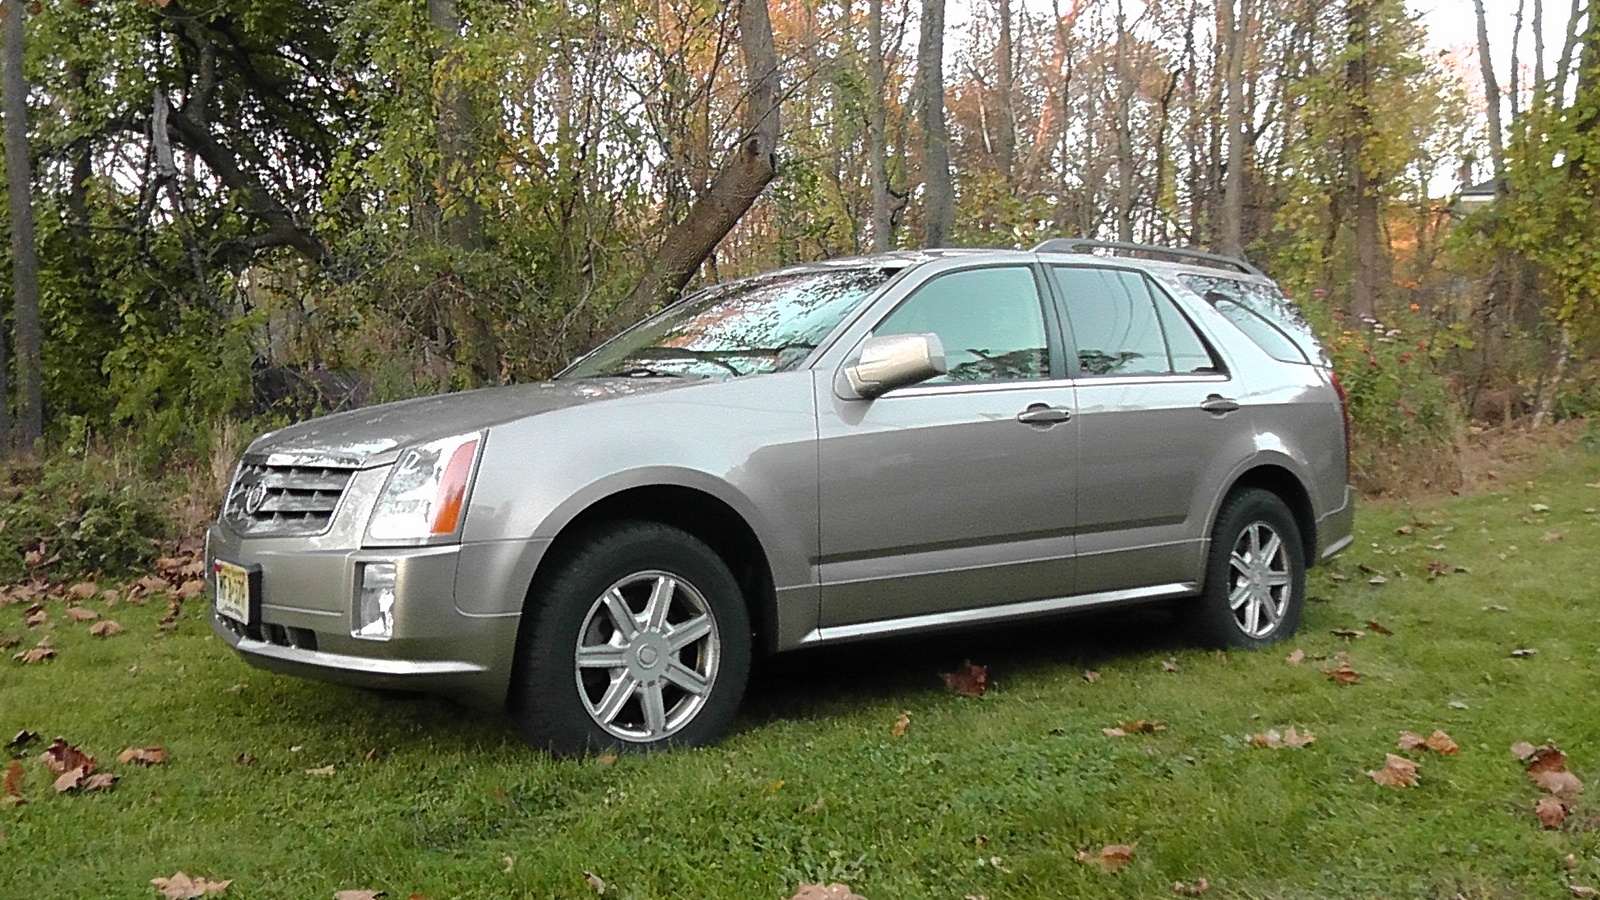 2004 Cadillac Srx Pictures Cargurus